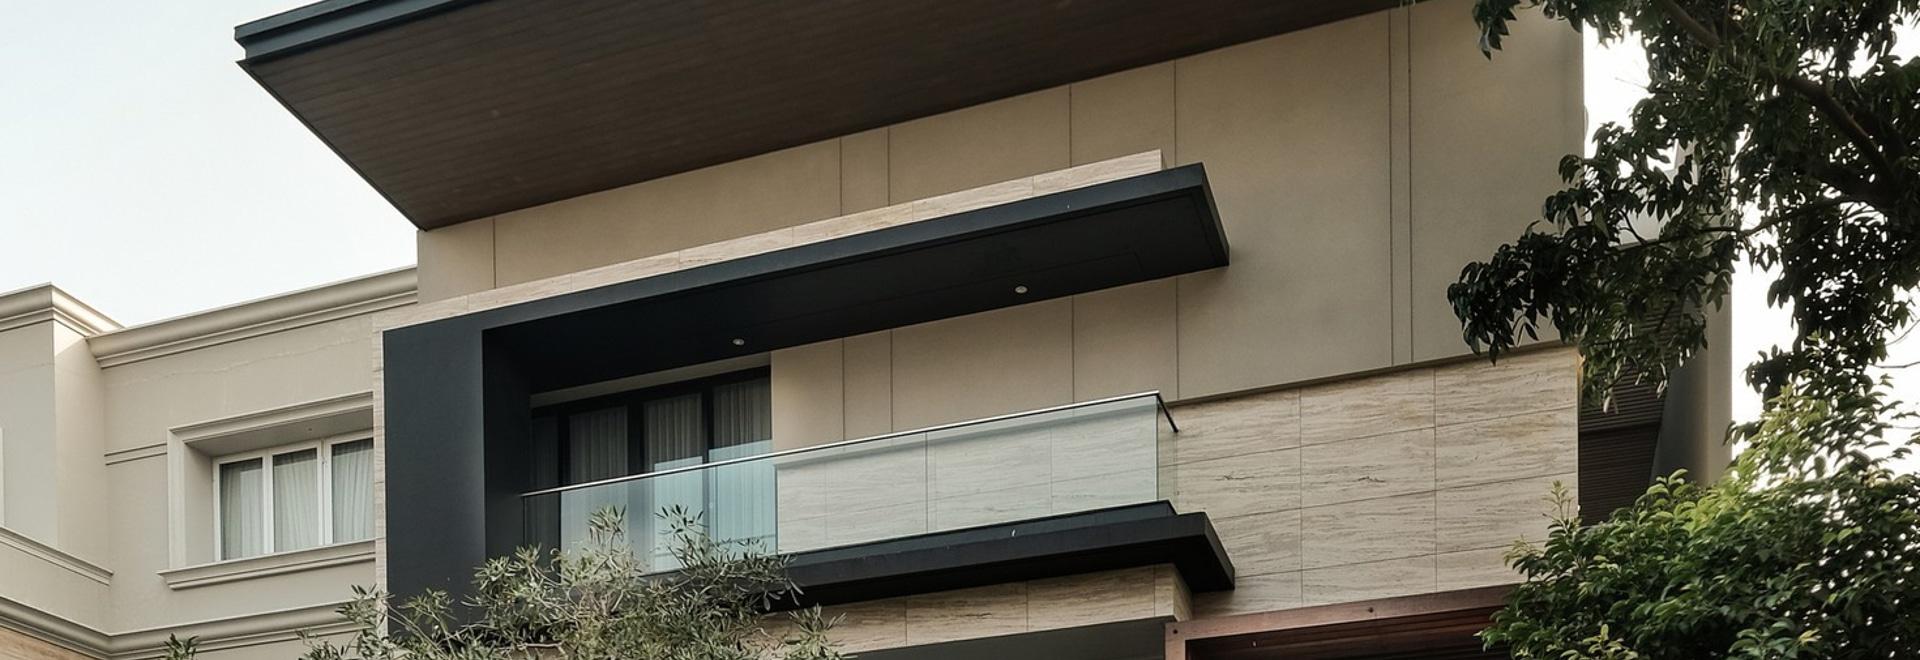 Chambre de DL | Architectes de DP+HS